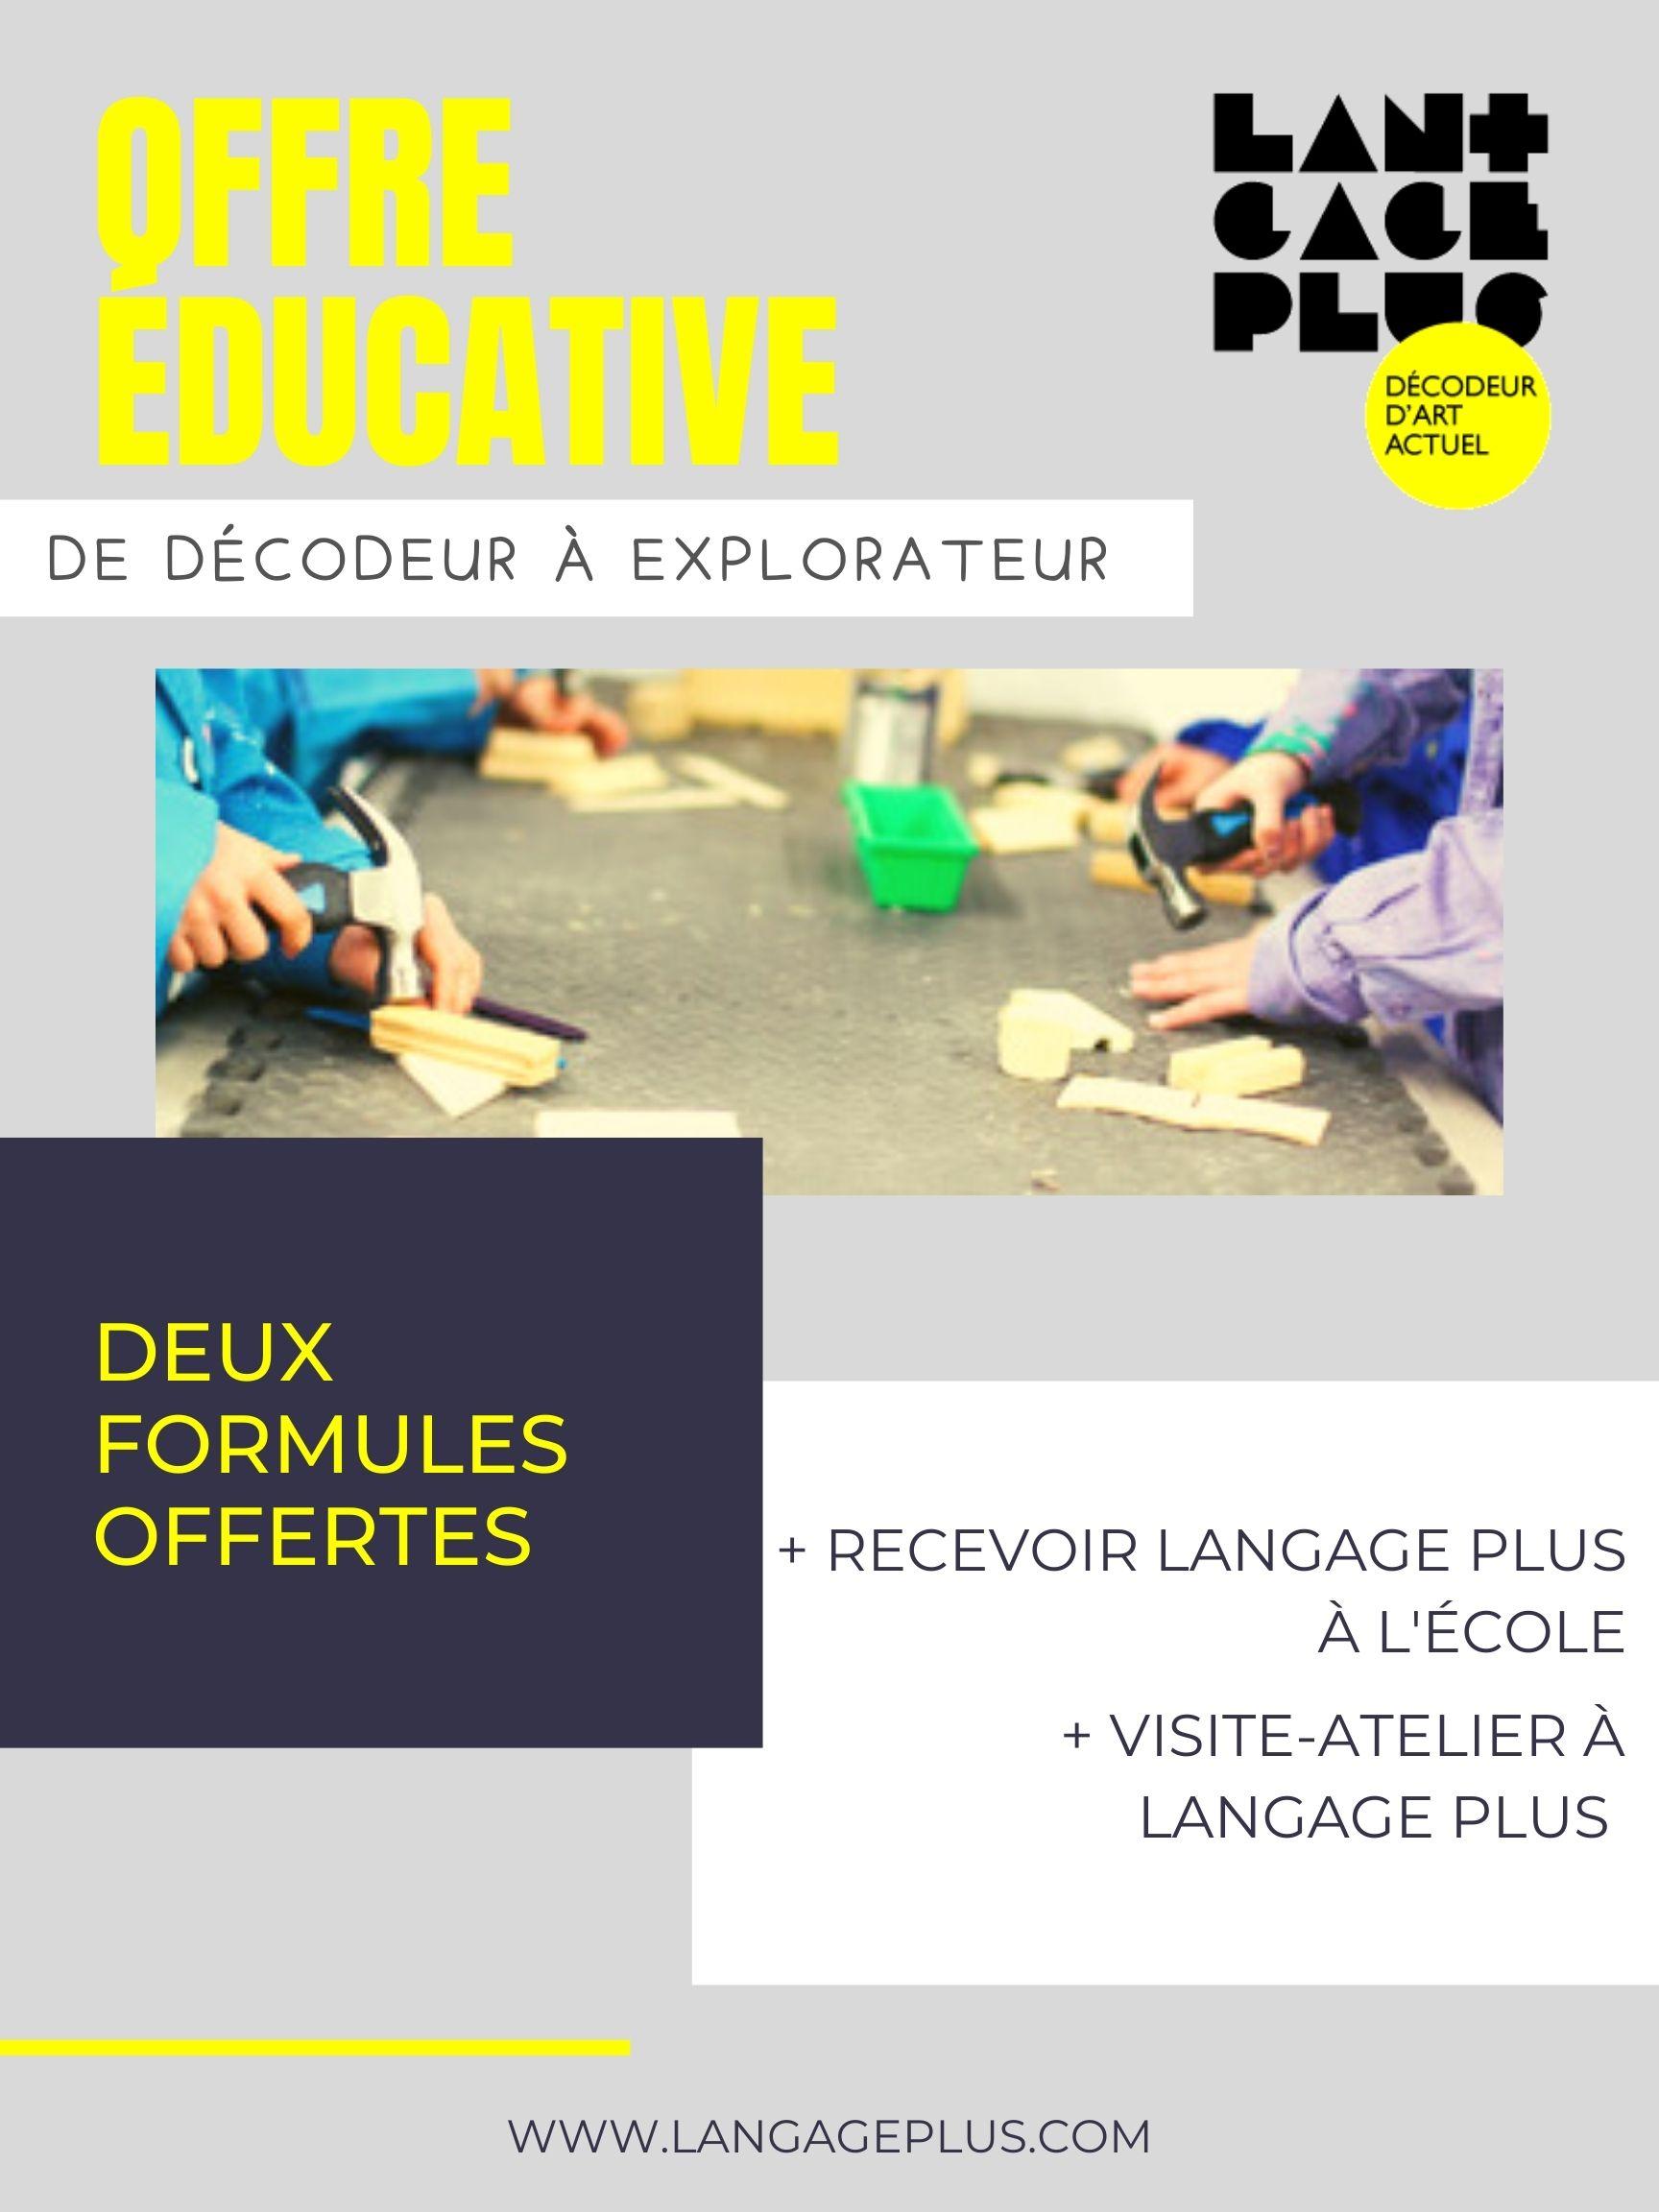 Offre du éducative du centre d'art actuel Langage Plus. Langage Plus à l'école, 2021.